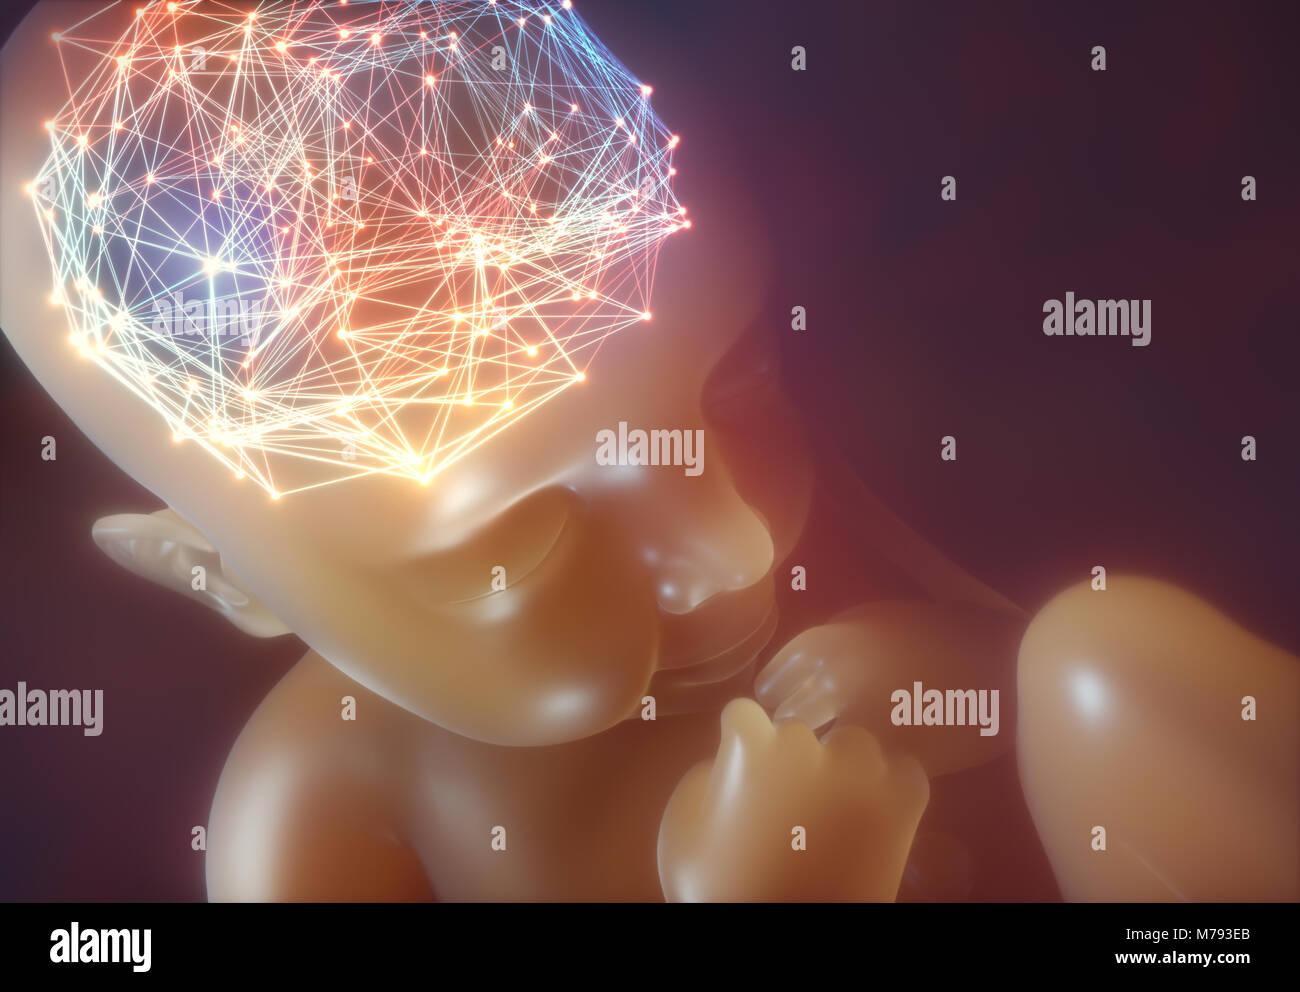 3D illustration. Image d'un bébé à l'intérieur de l'utérus. Photo Stock